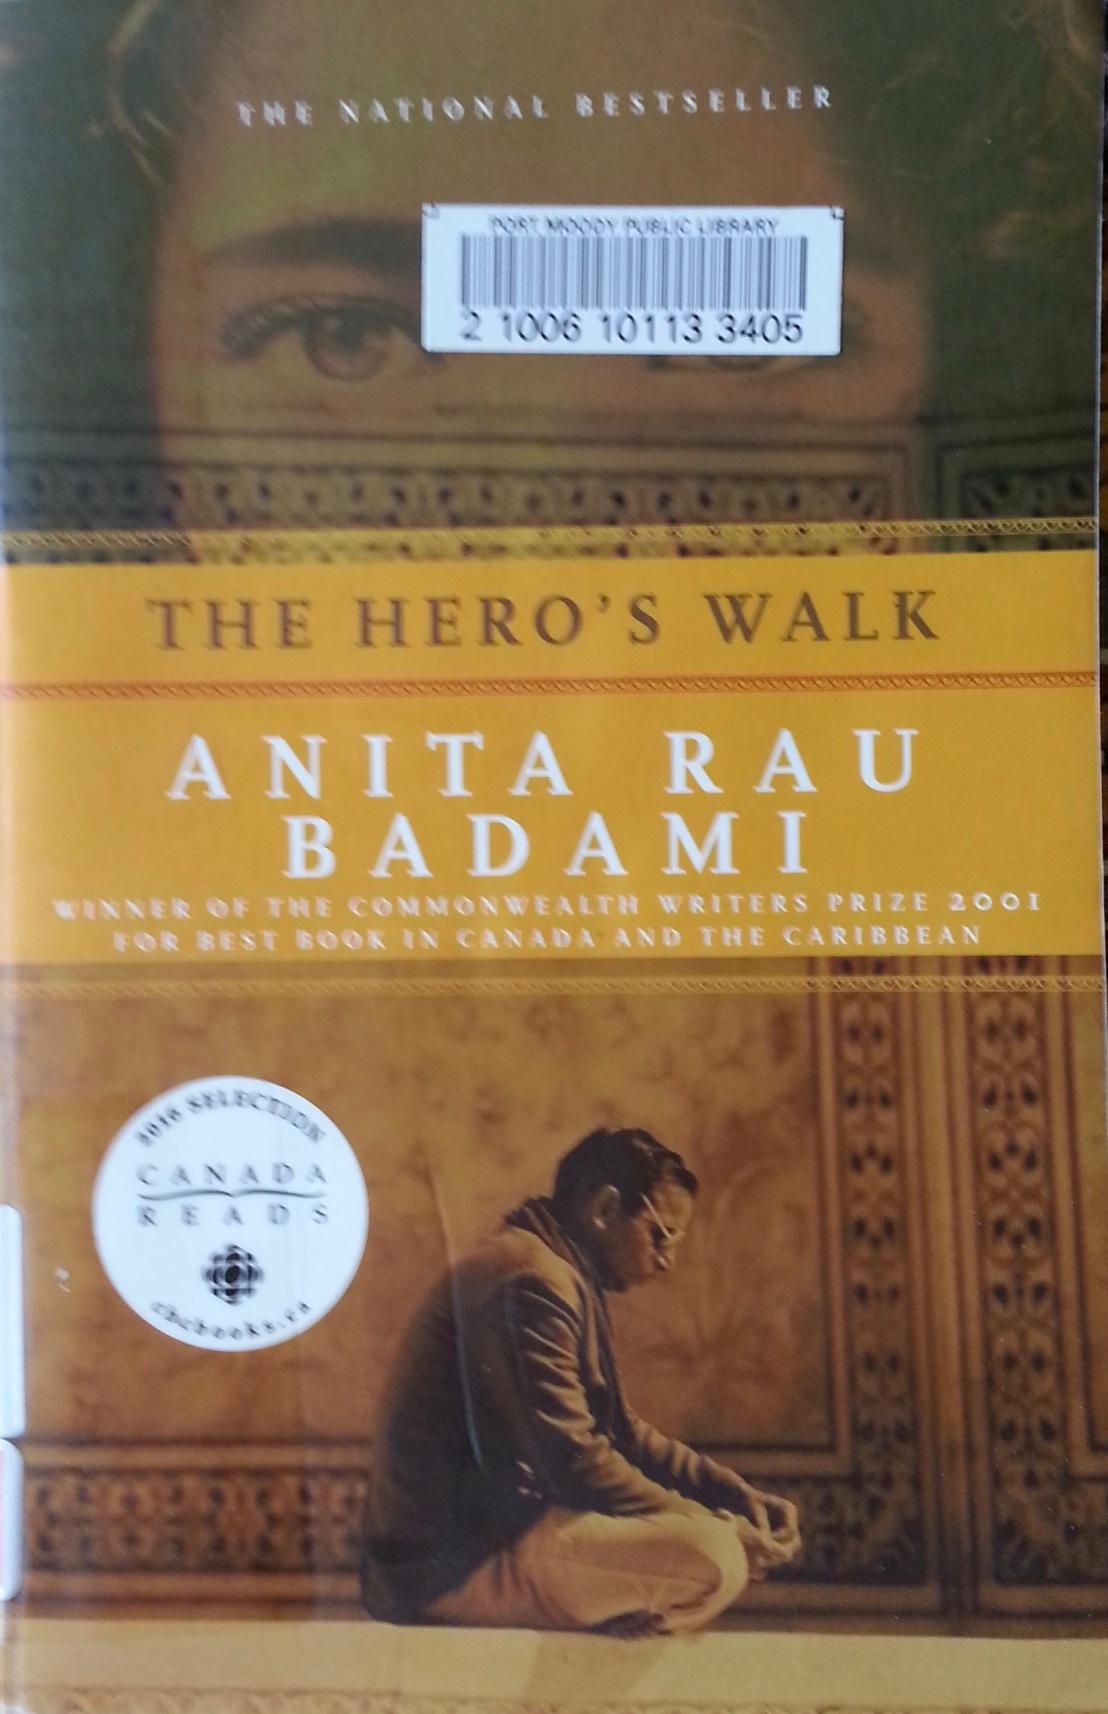 Anita Rau Badami's — Hero's Walk*****